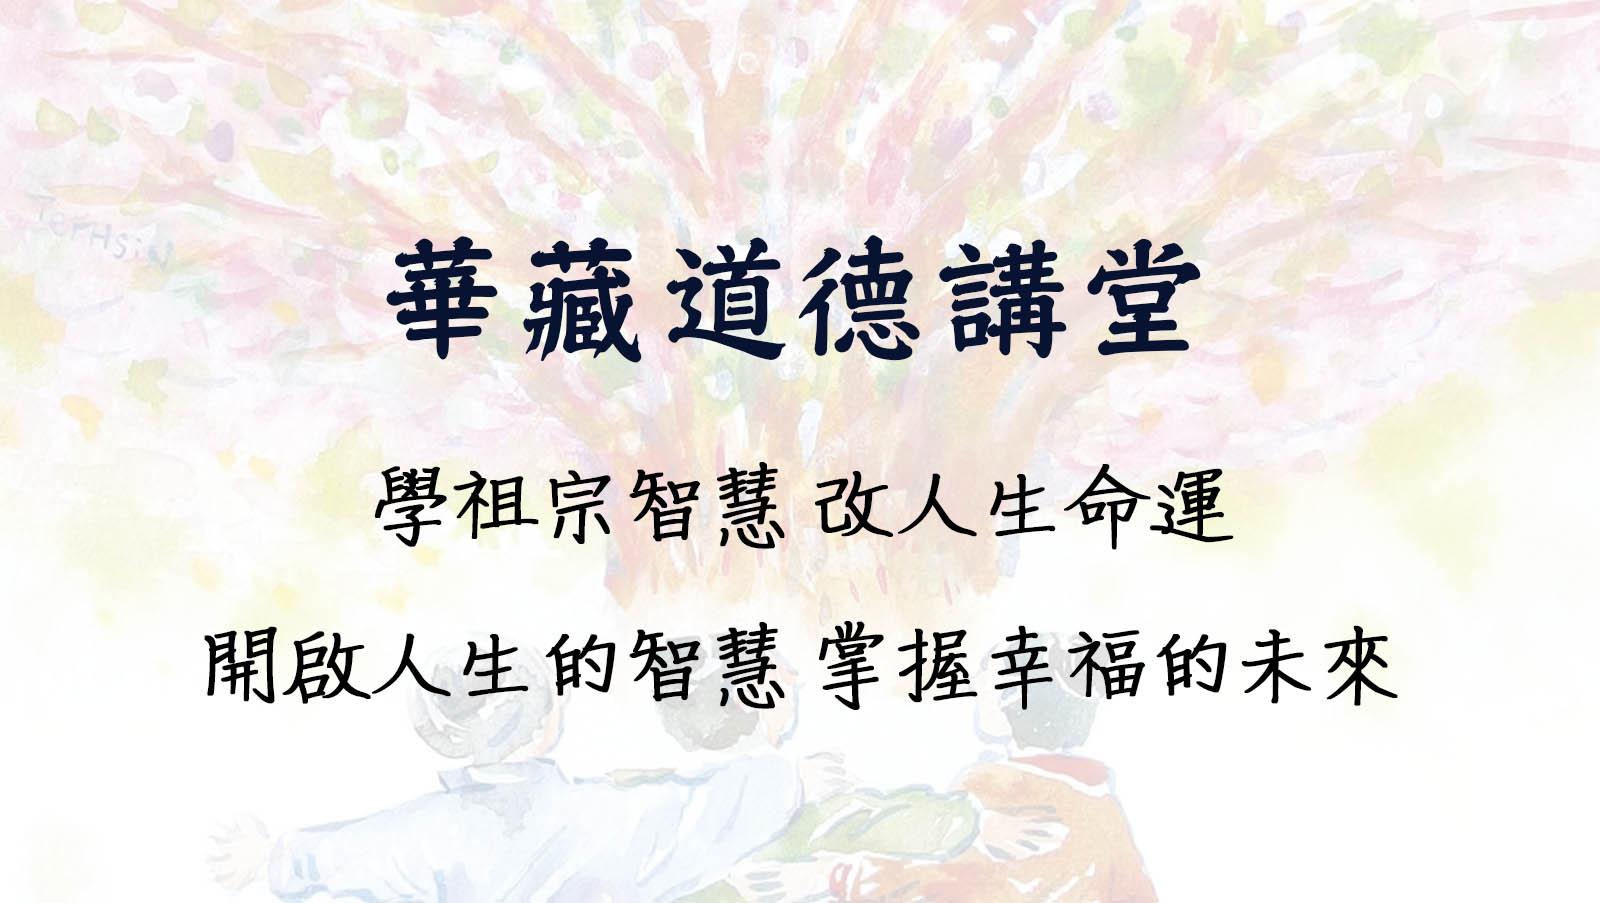 華藏道德講堂